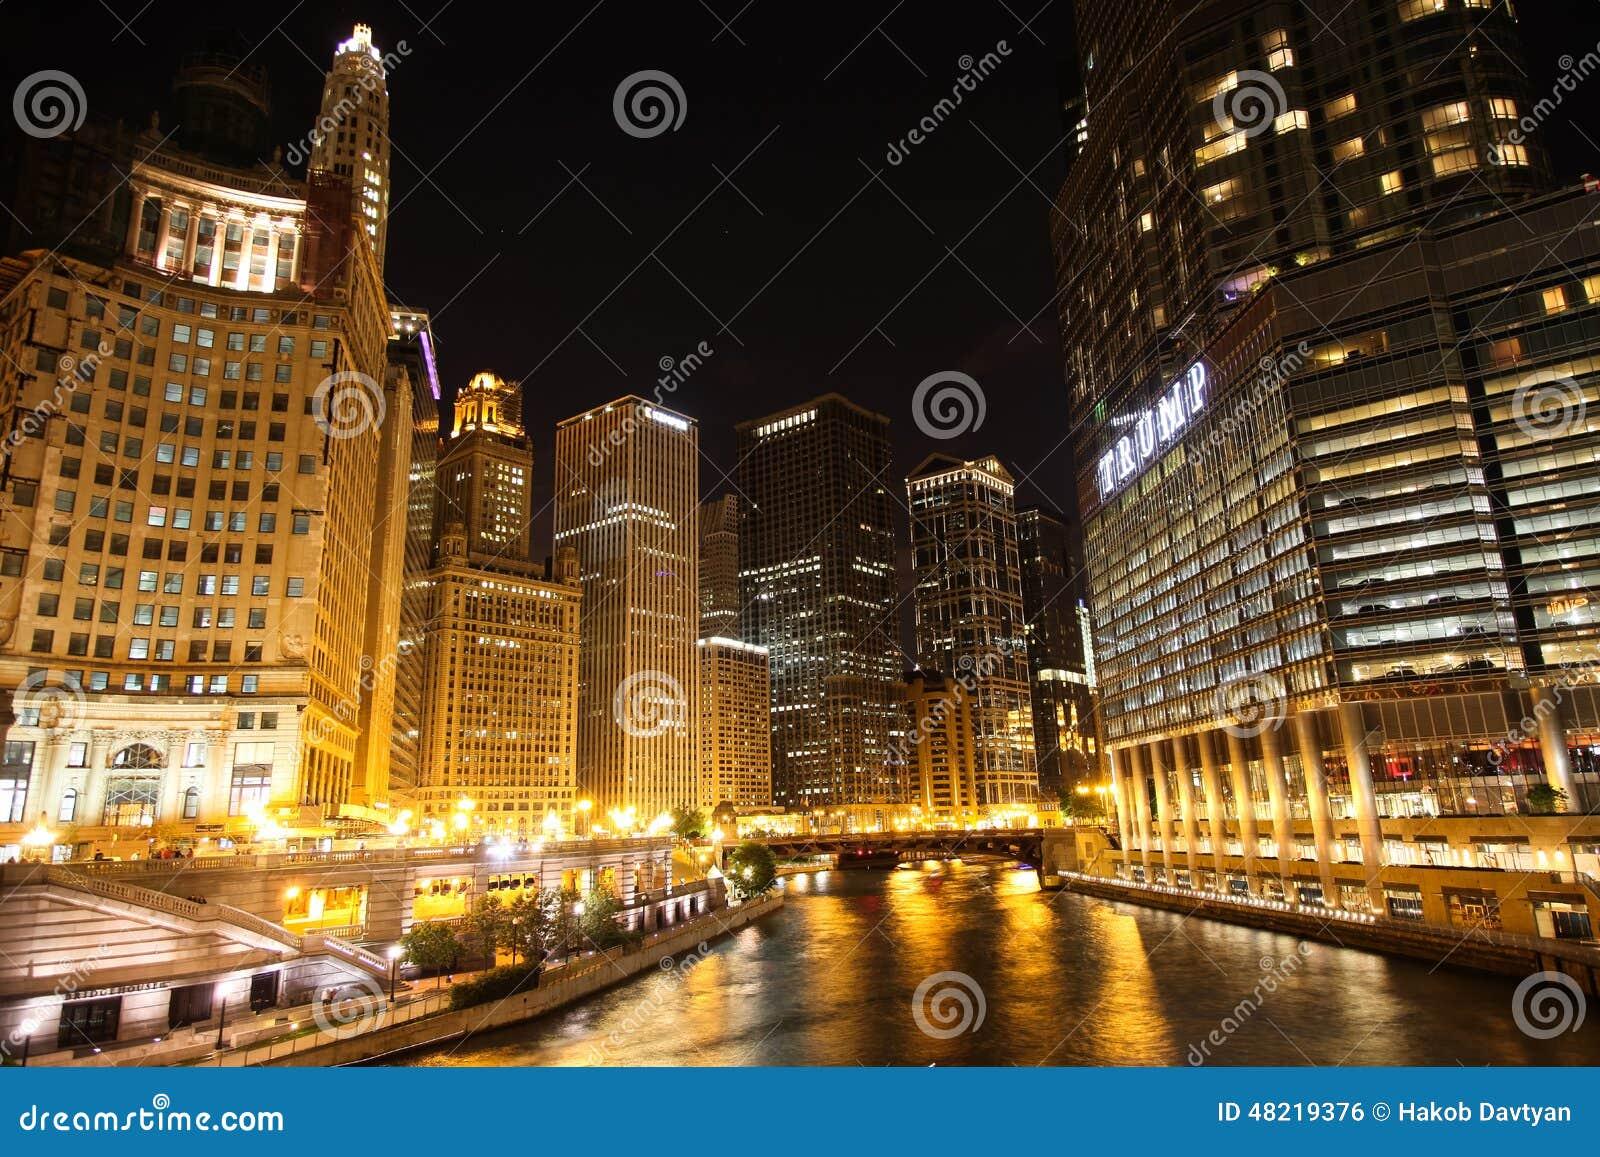 Chicago-Nacht